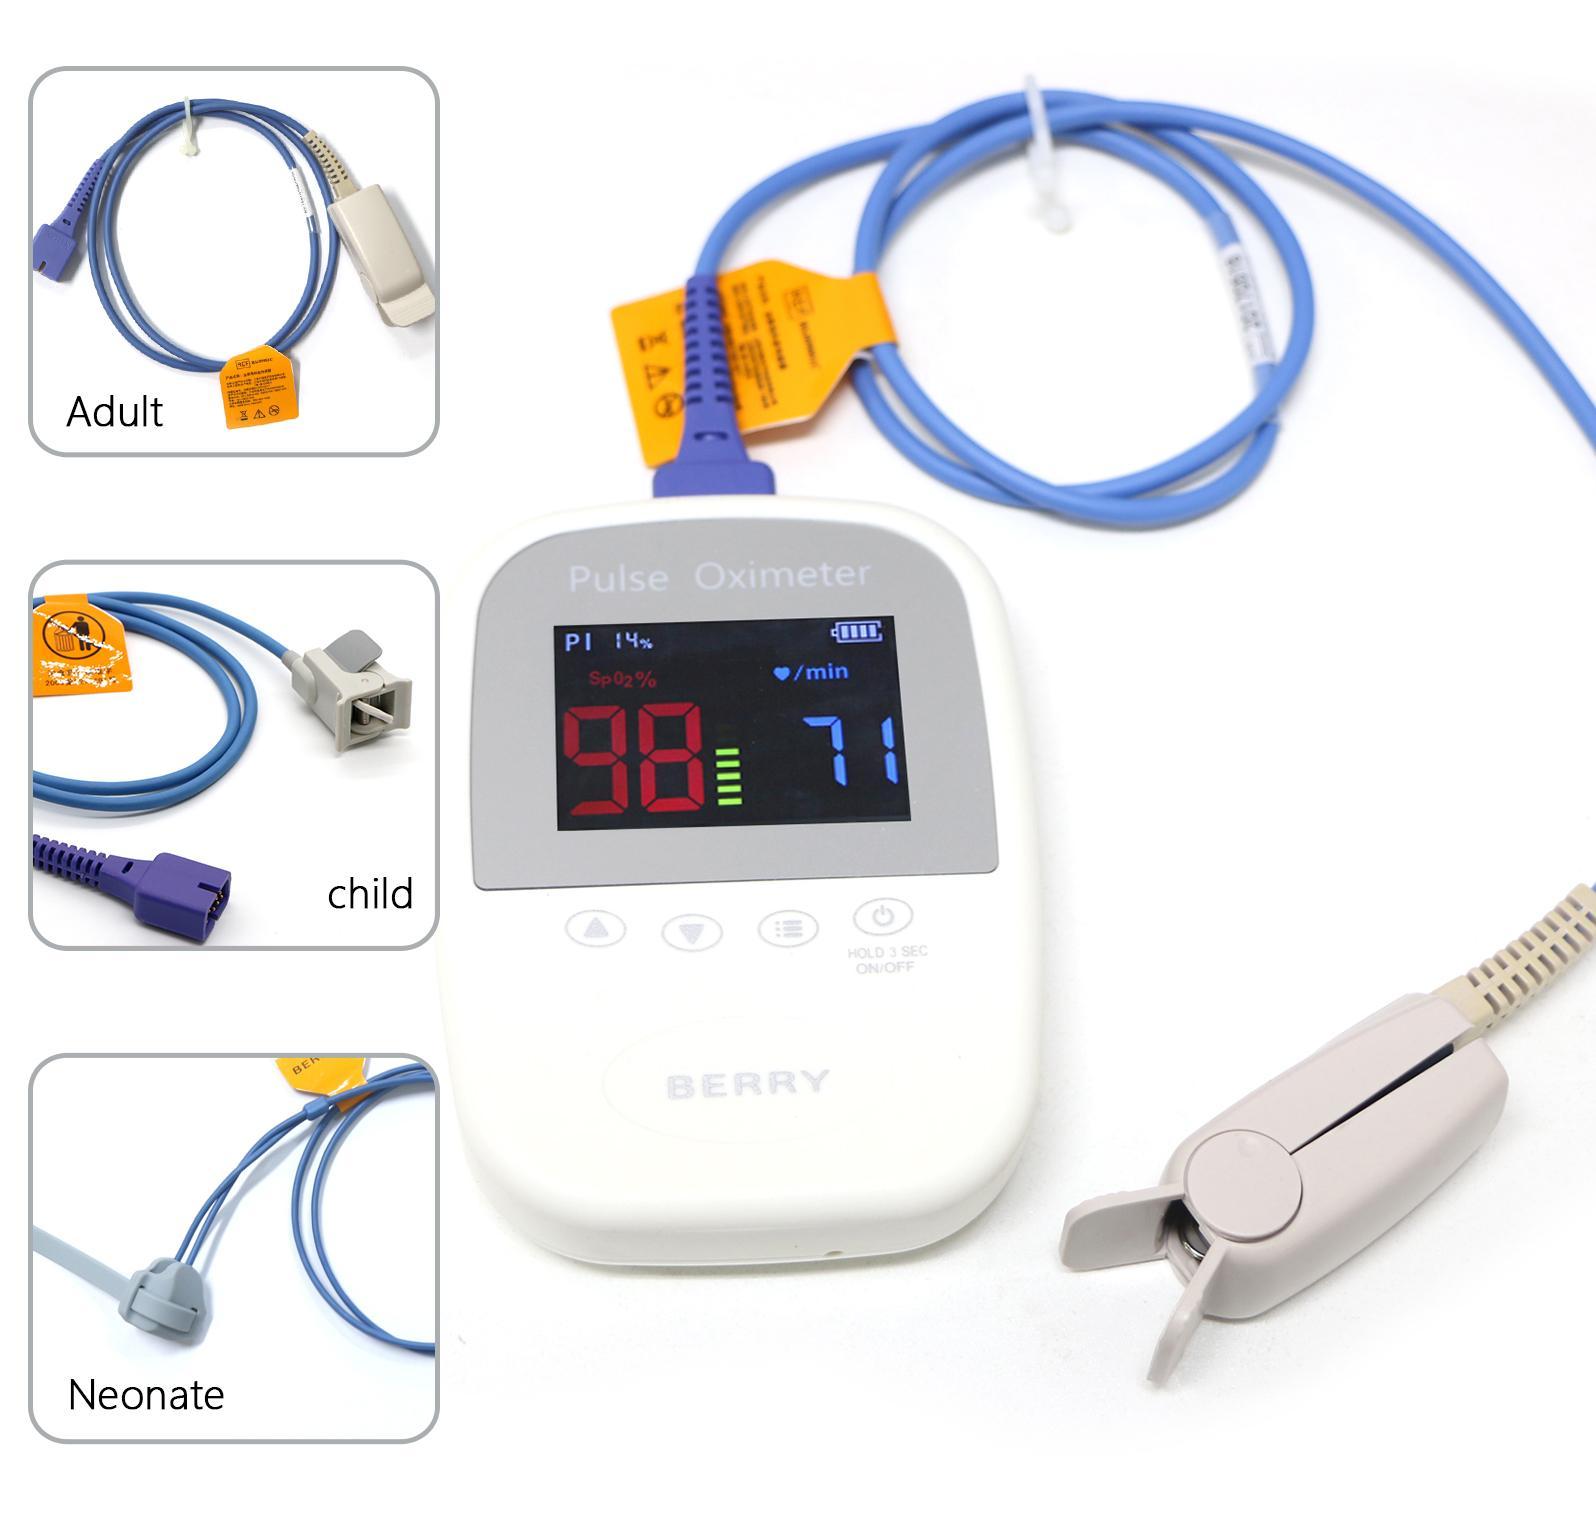 成人和嬰儿用高質量藍牙手持脈搏血氧計 1